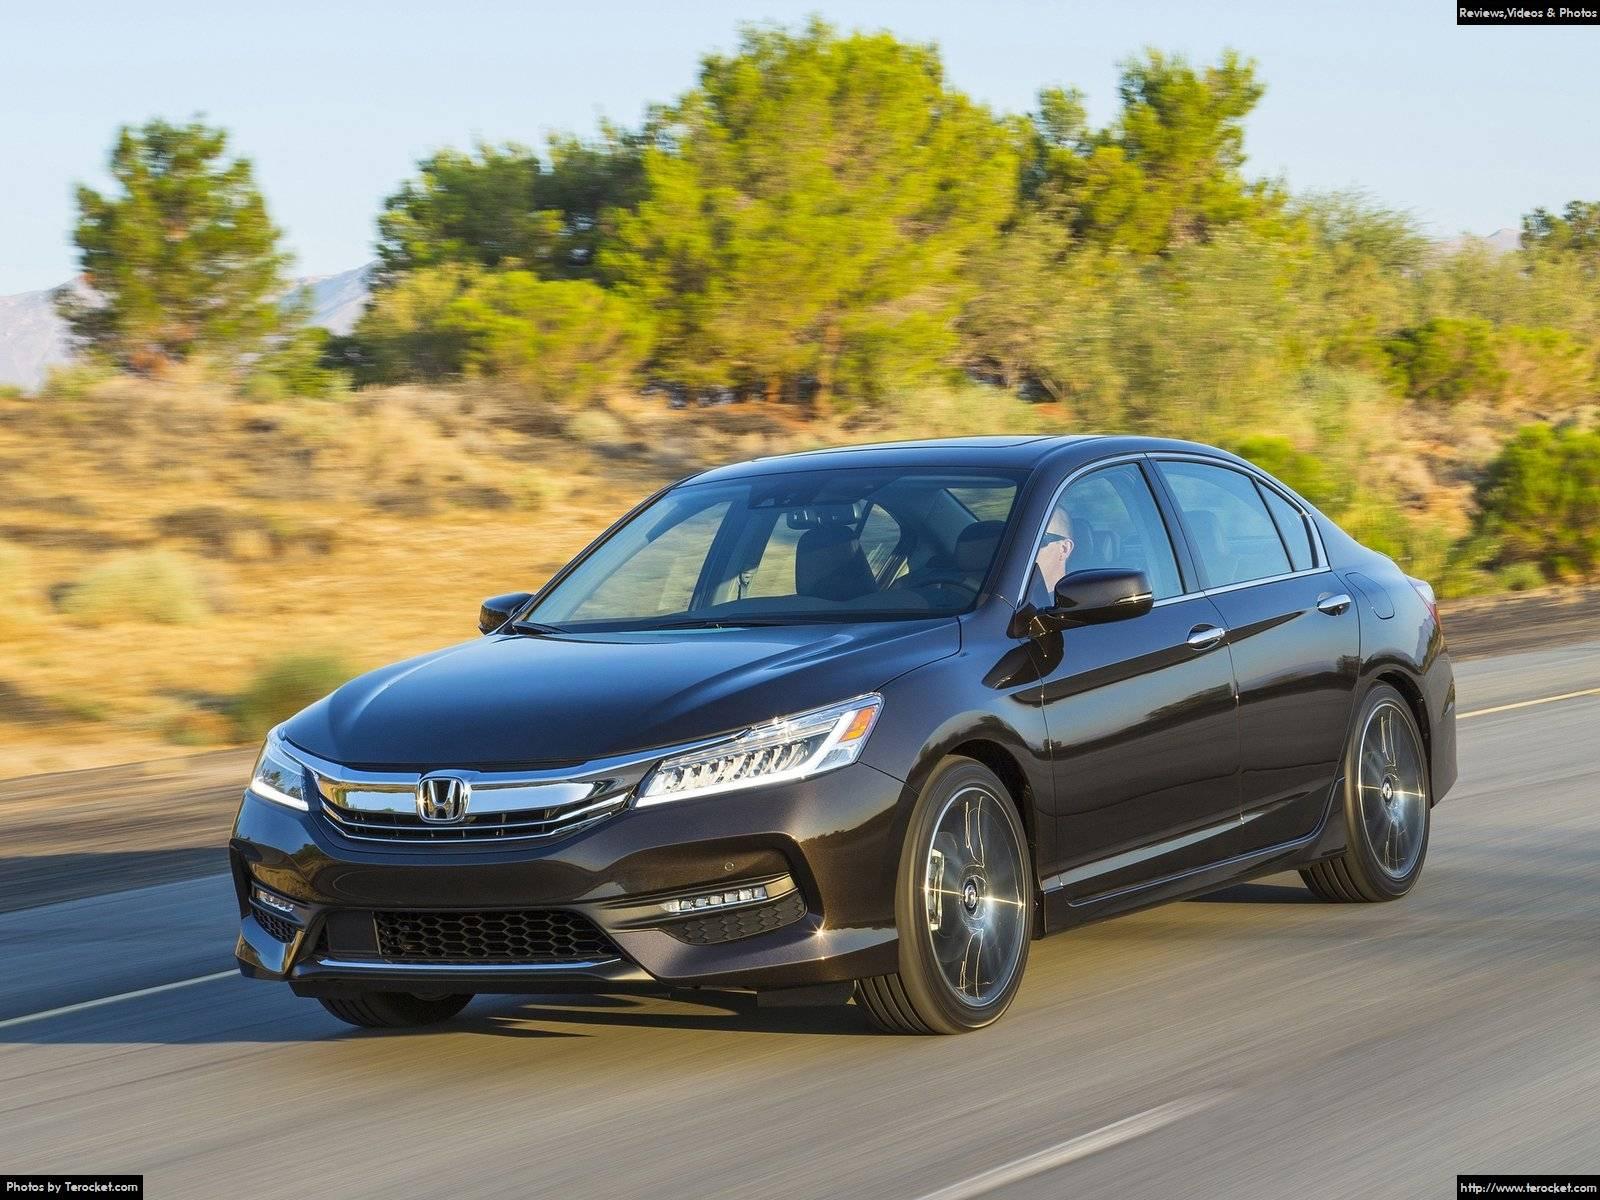 Hình ảnh xe ô tô Honda Accord 2016 & nội ngoại thất